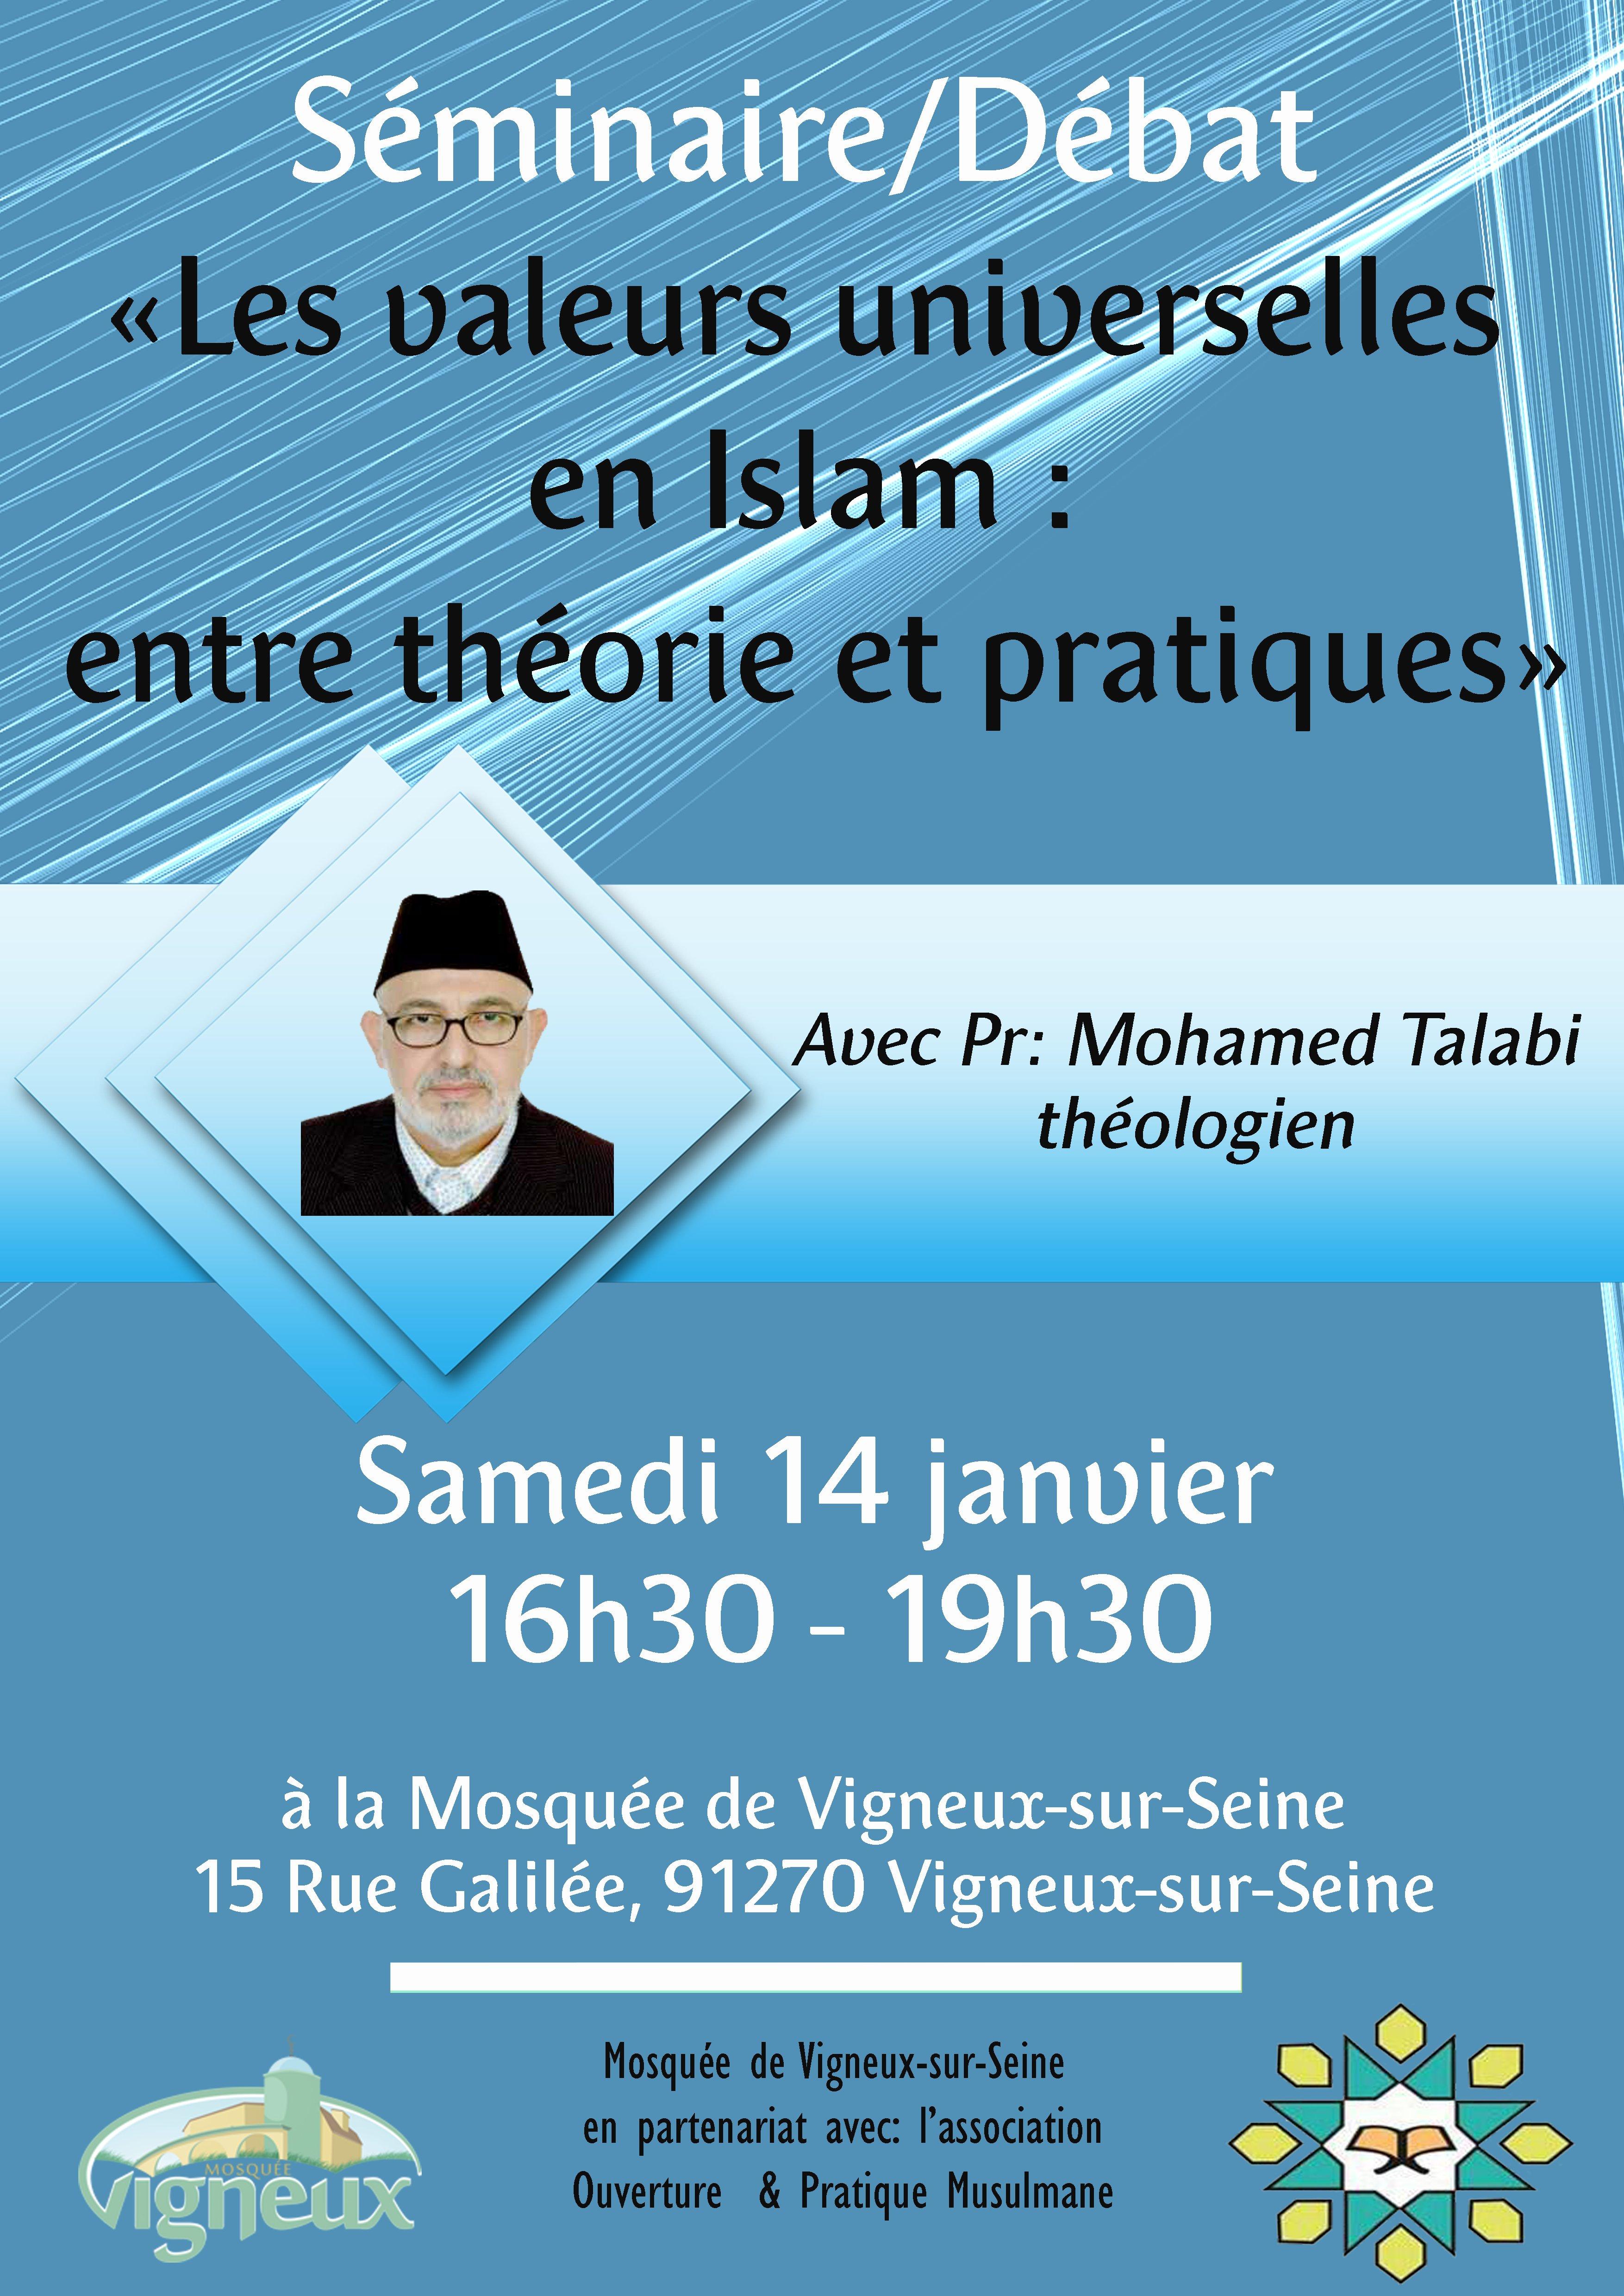 http://www.saphirnews.com/agenda/Les-valeurs-universelles-en-islam-entre-theorie-et-pratiques_ae429018.html